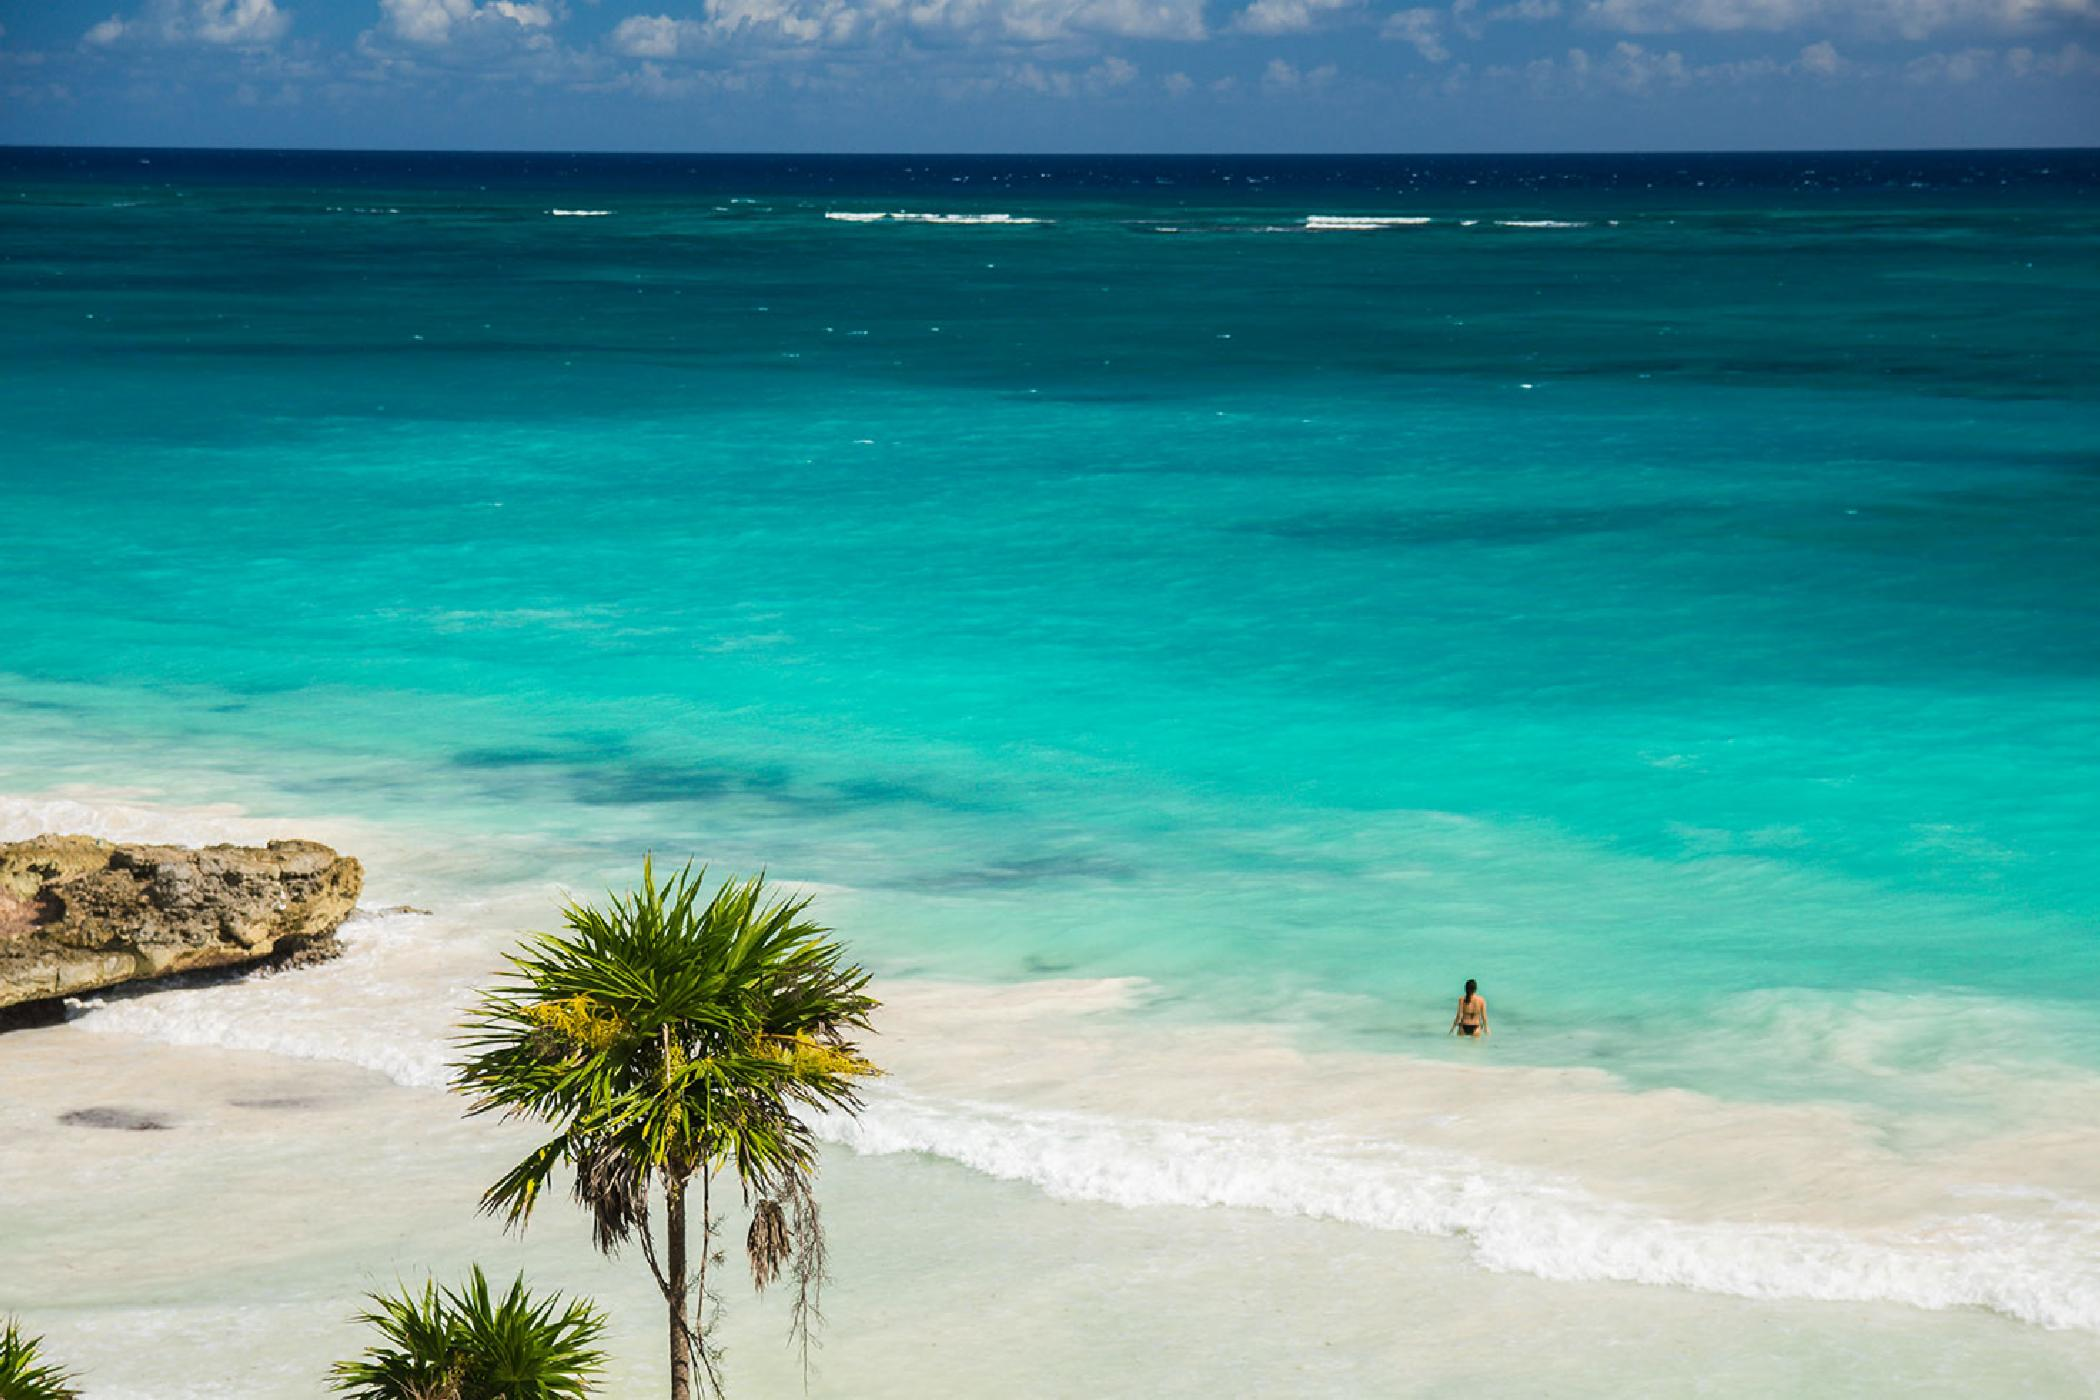 Maya_Luxe_Riviera_Maya_Luxury_Villas_Experiences_Tulum_Beach_5_Bedrooms_Villa_Miramar_10.jpg